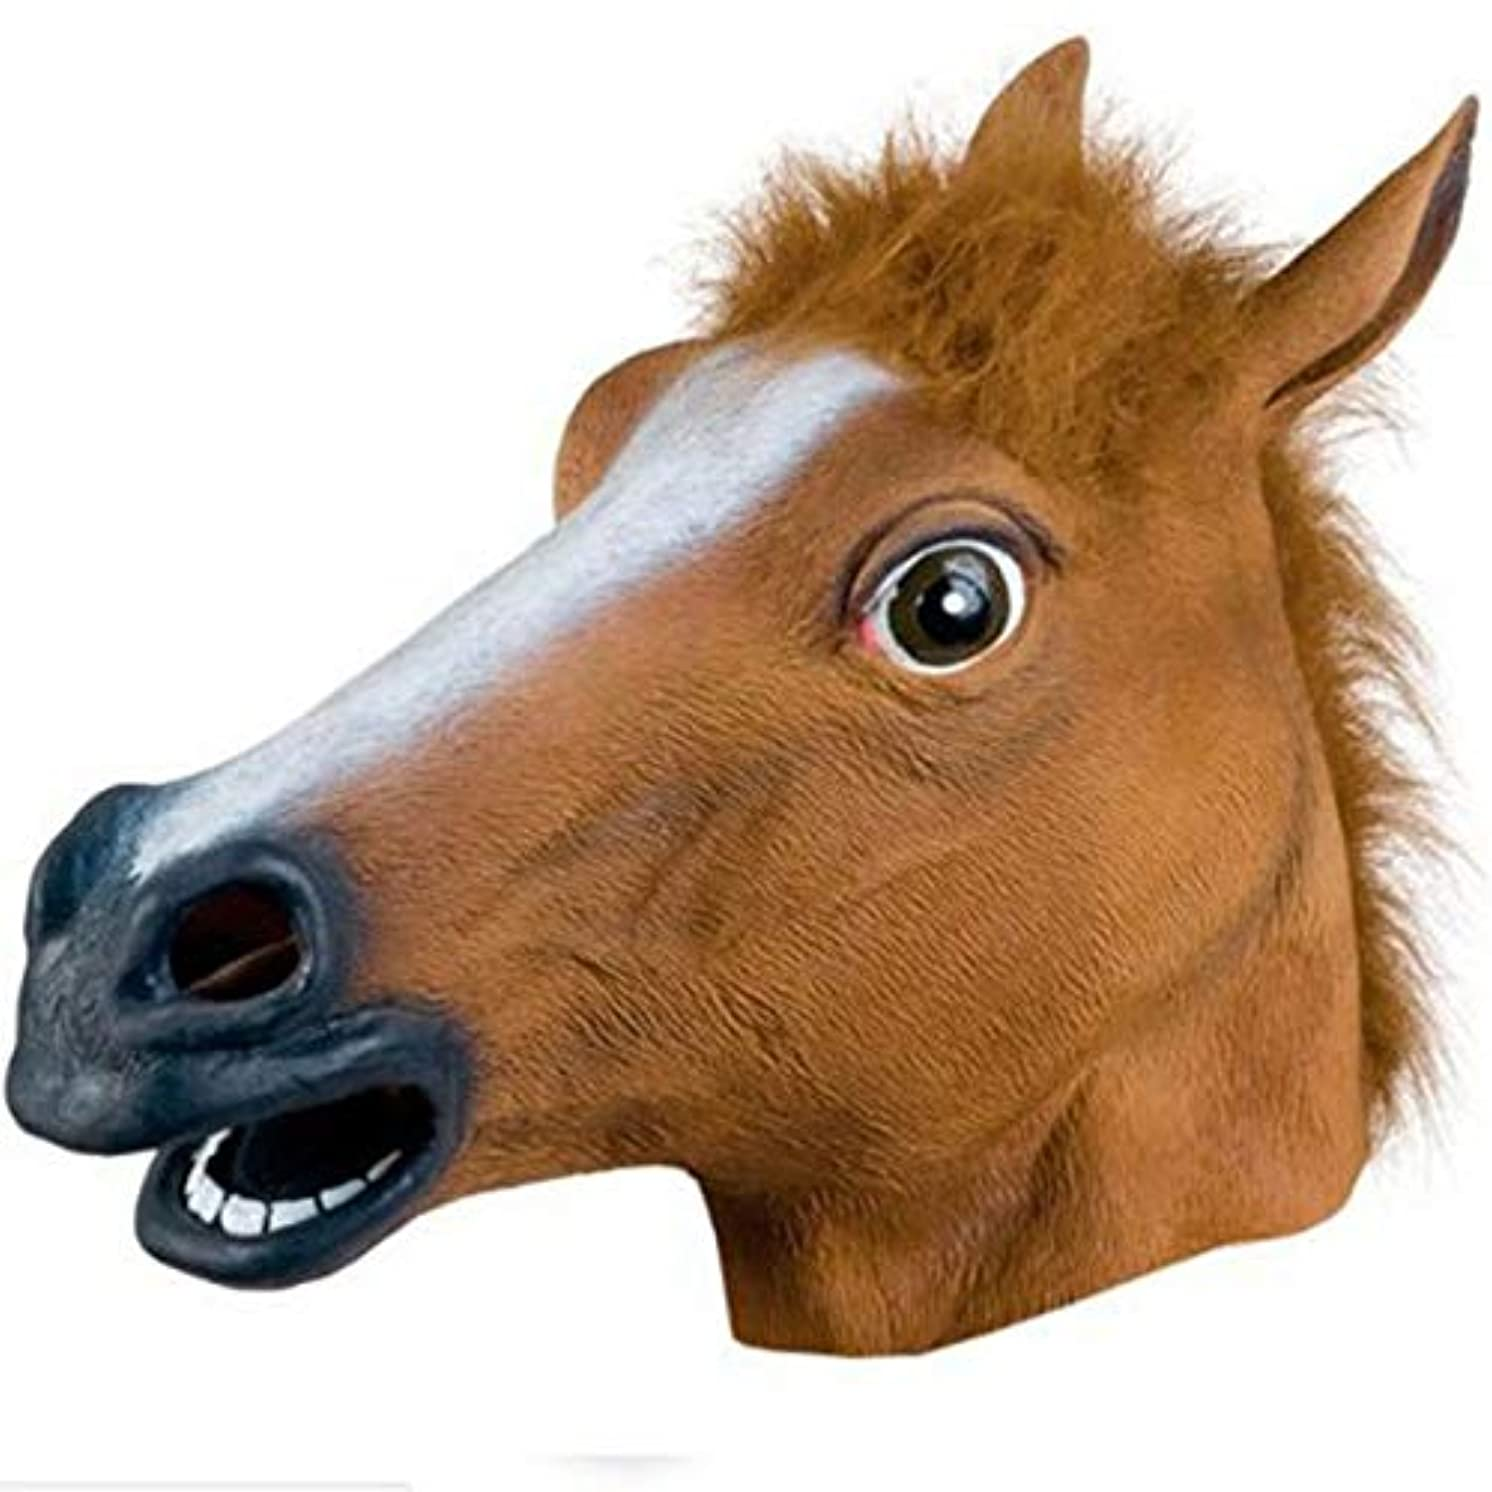 に対処するファイル人質馬の頭の仮面舞踏会おかしい面白いハロウィーンの馬の頭のマスクのかつら,ブラウン